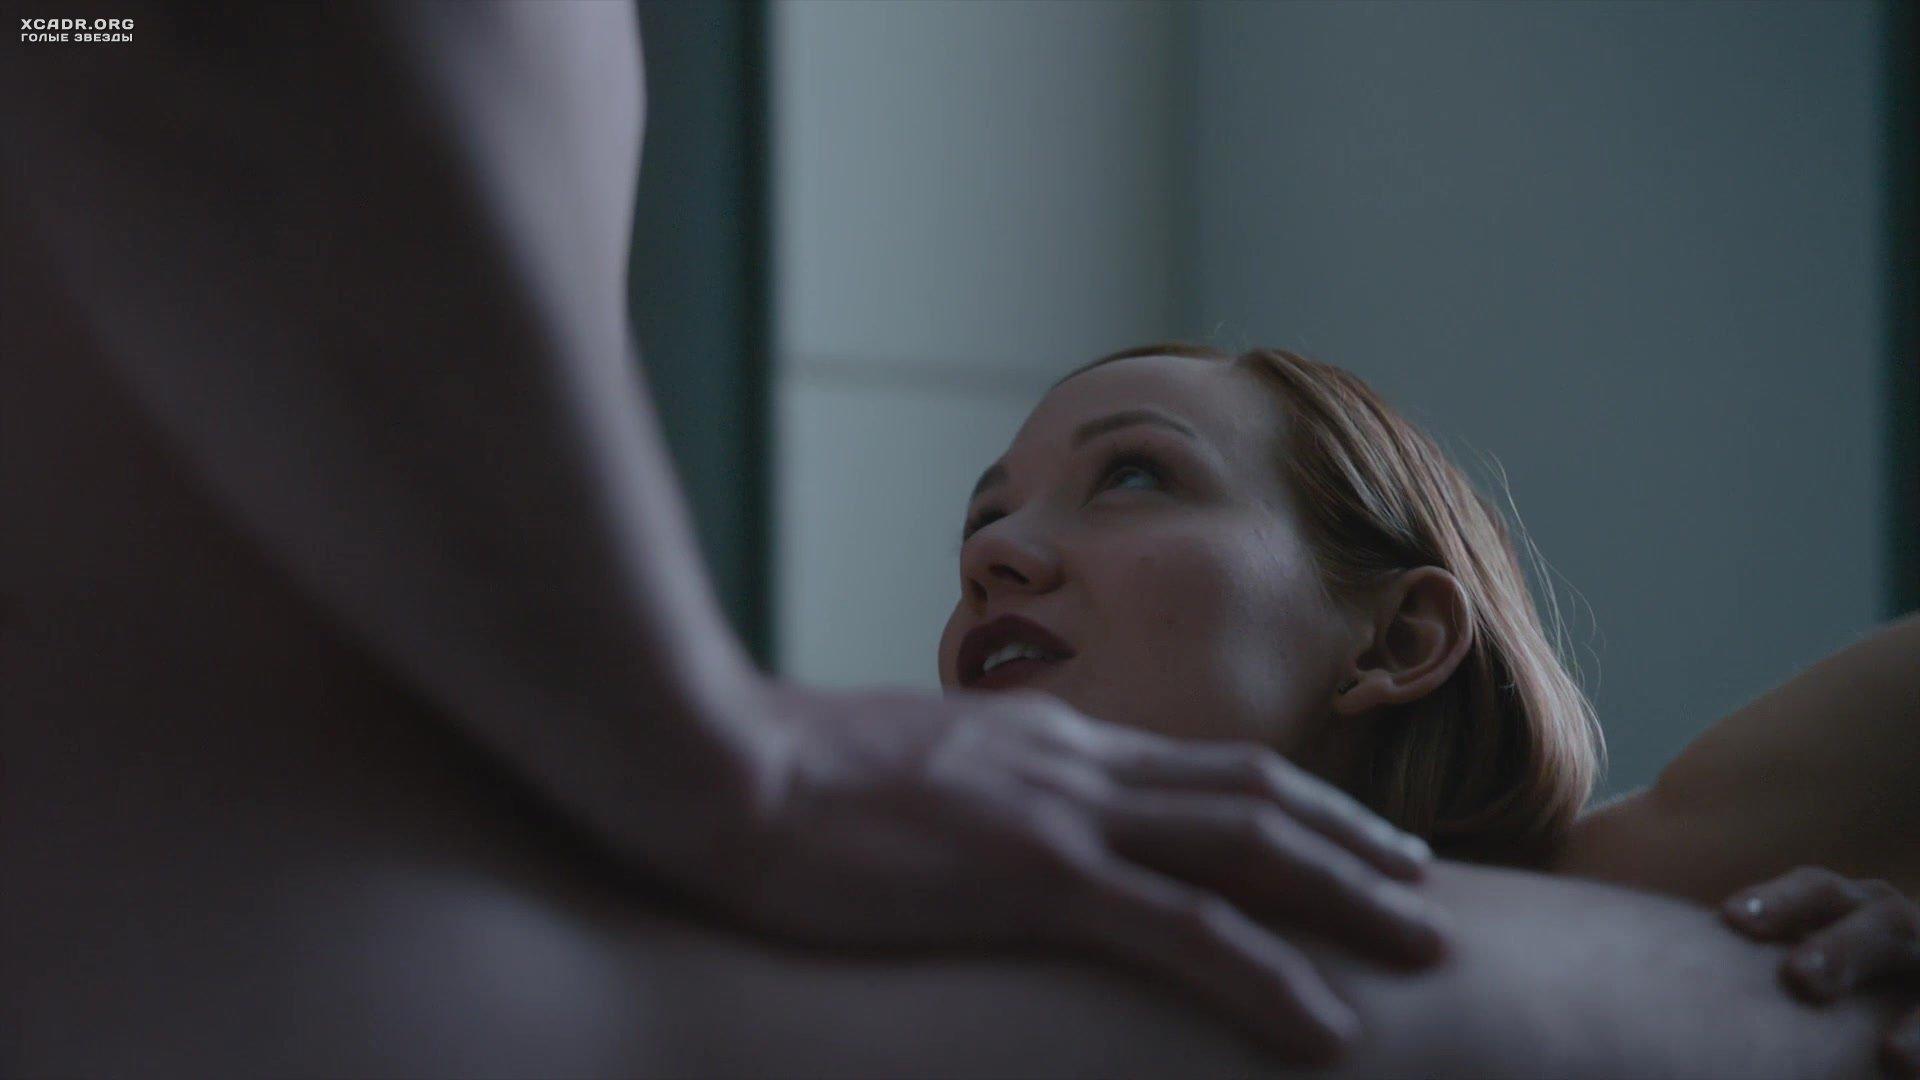 Смотреть онлайн эротика девушка по вызову фильм